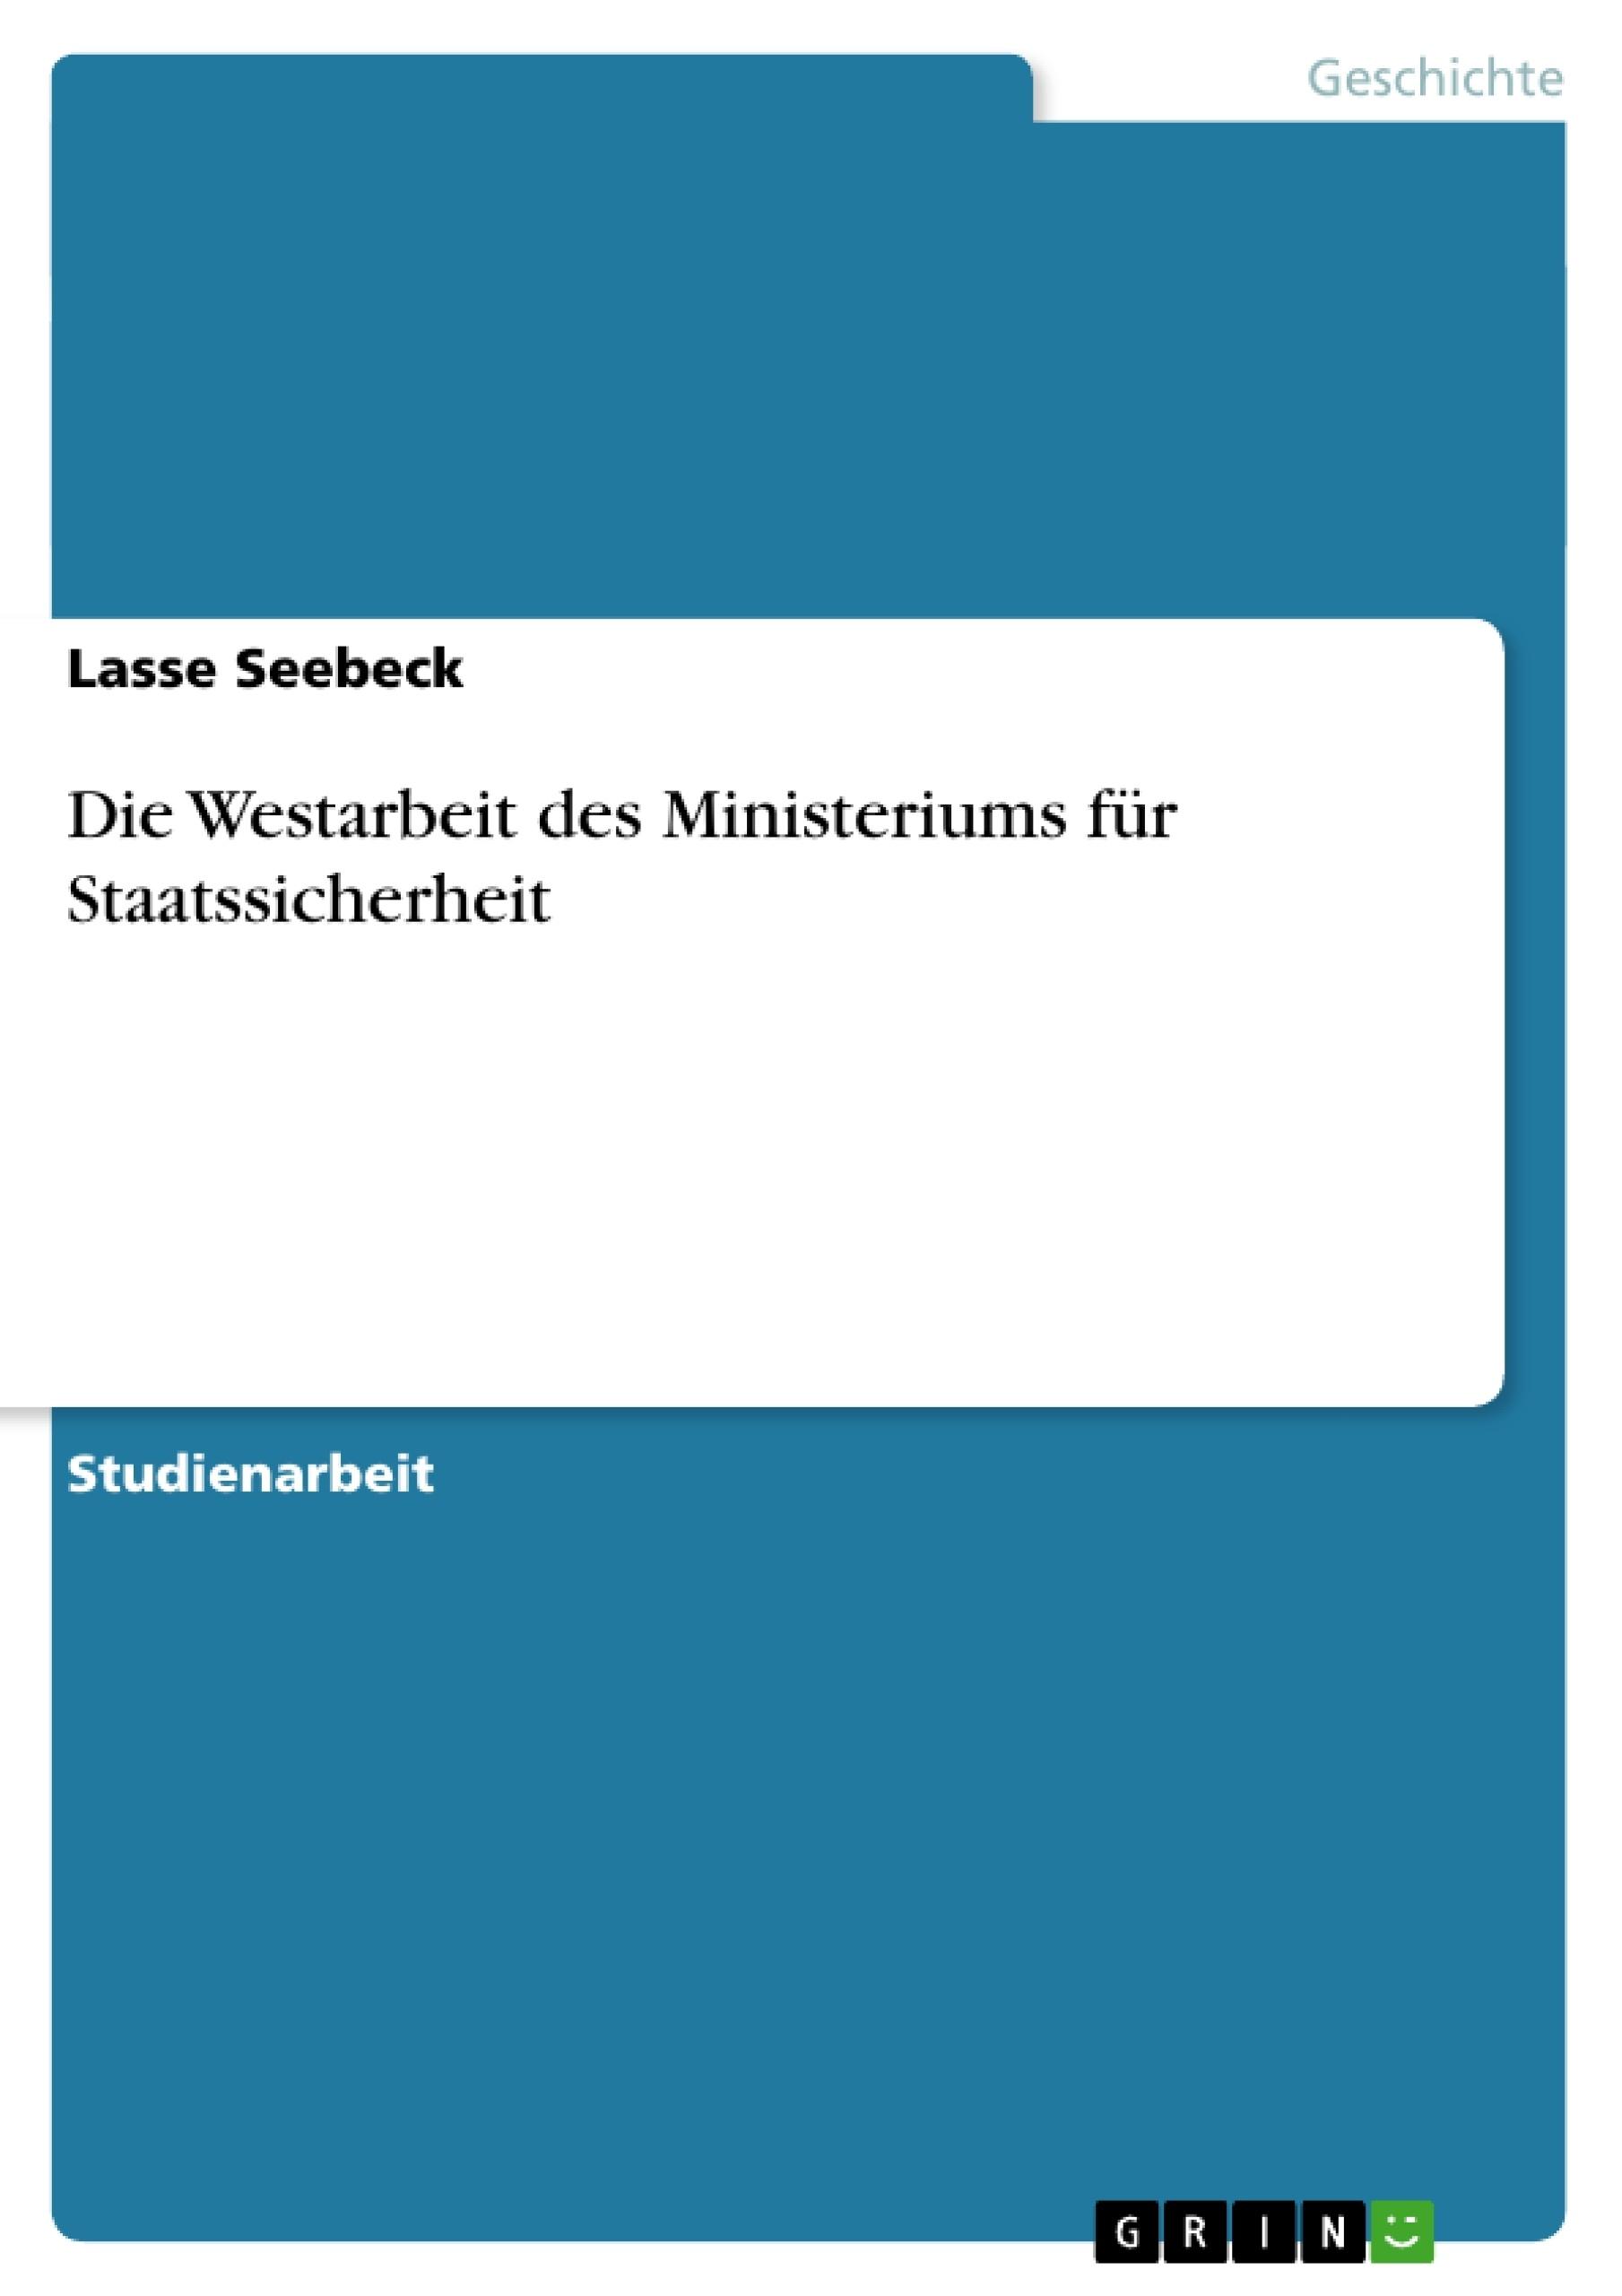 Titel: Die Westarbeit des Ministeriums für Staatssicherheit